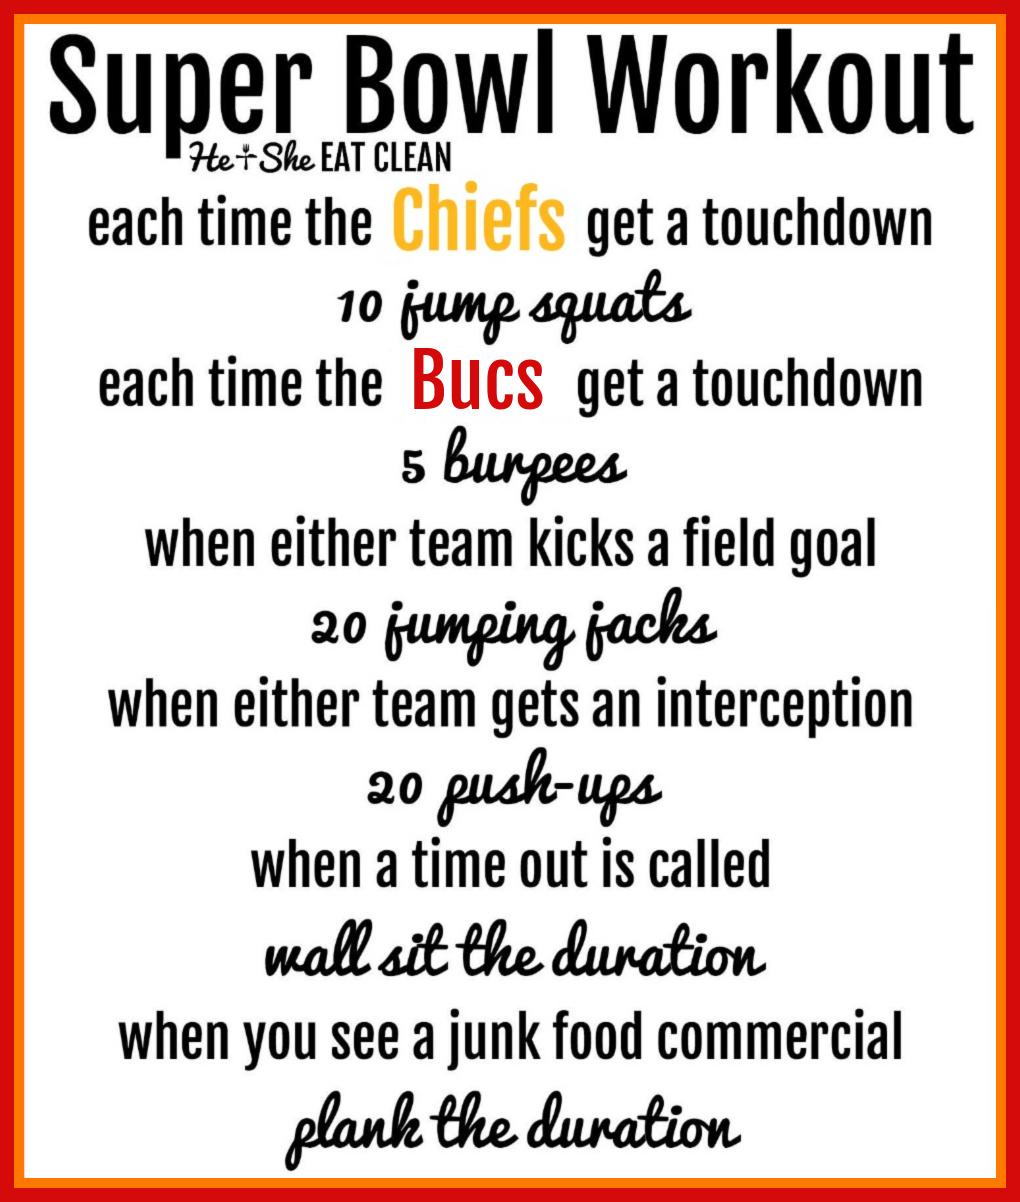 Super Bowl Workout - Chiefs VS Bucs